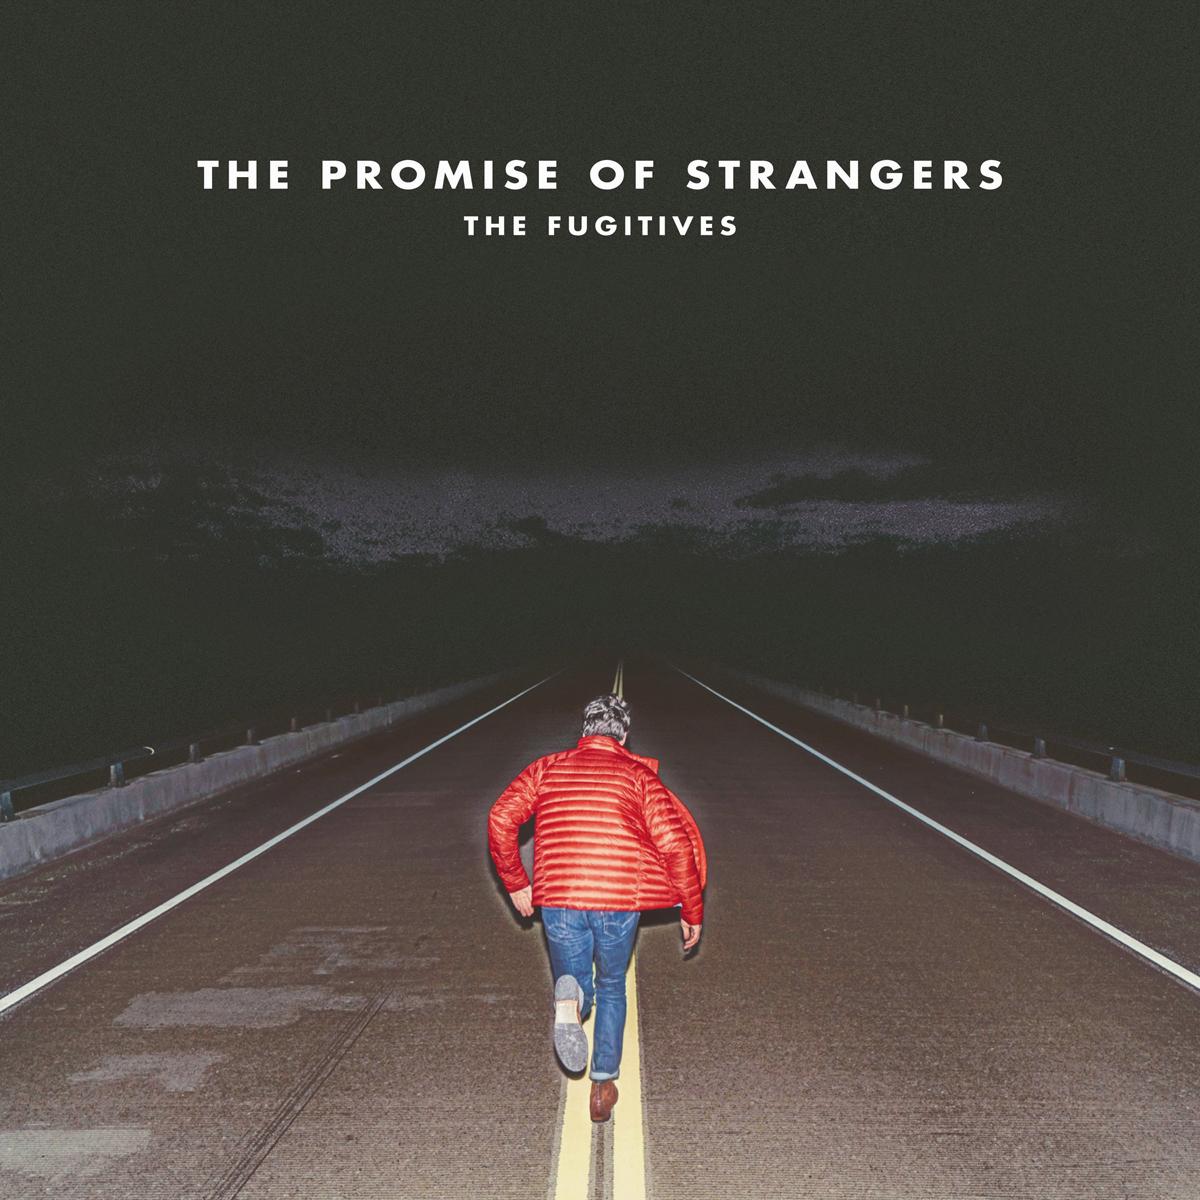 The Fugitives The Fugitives. The Promise Of Strangers for the love of strangers